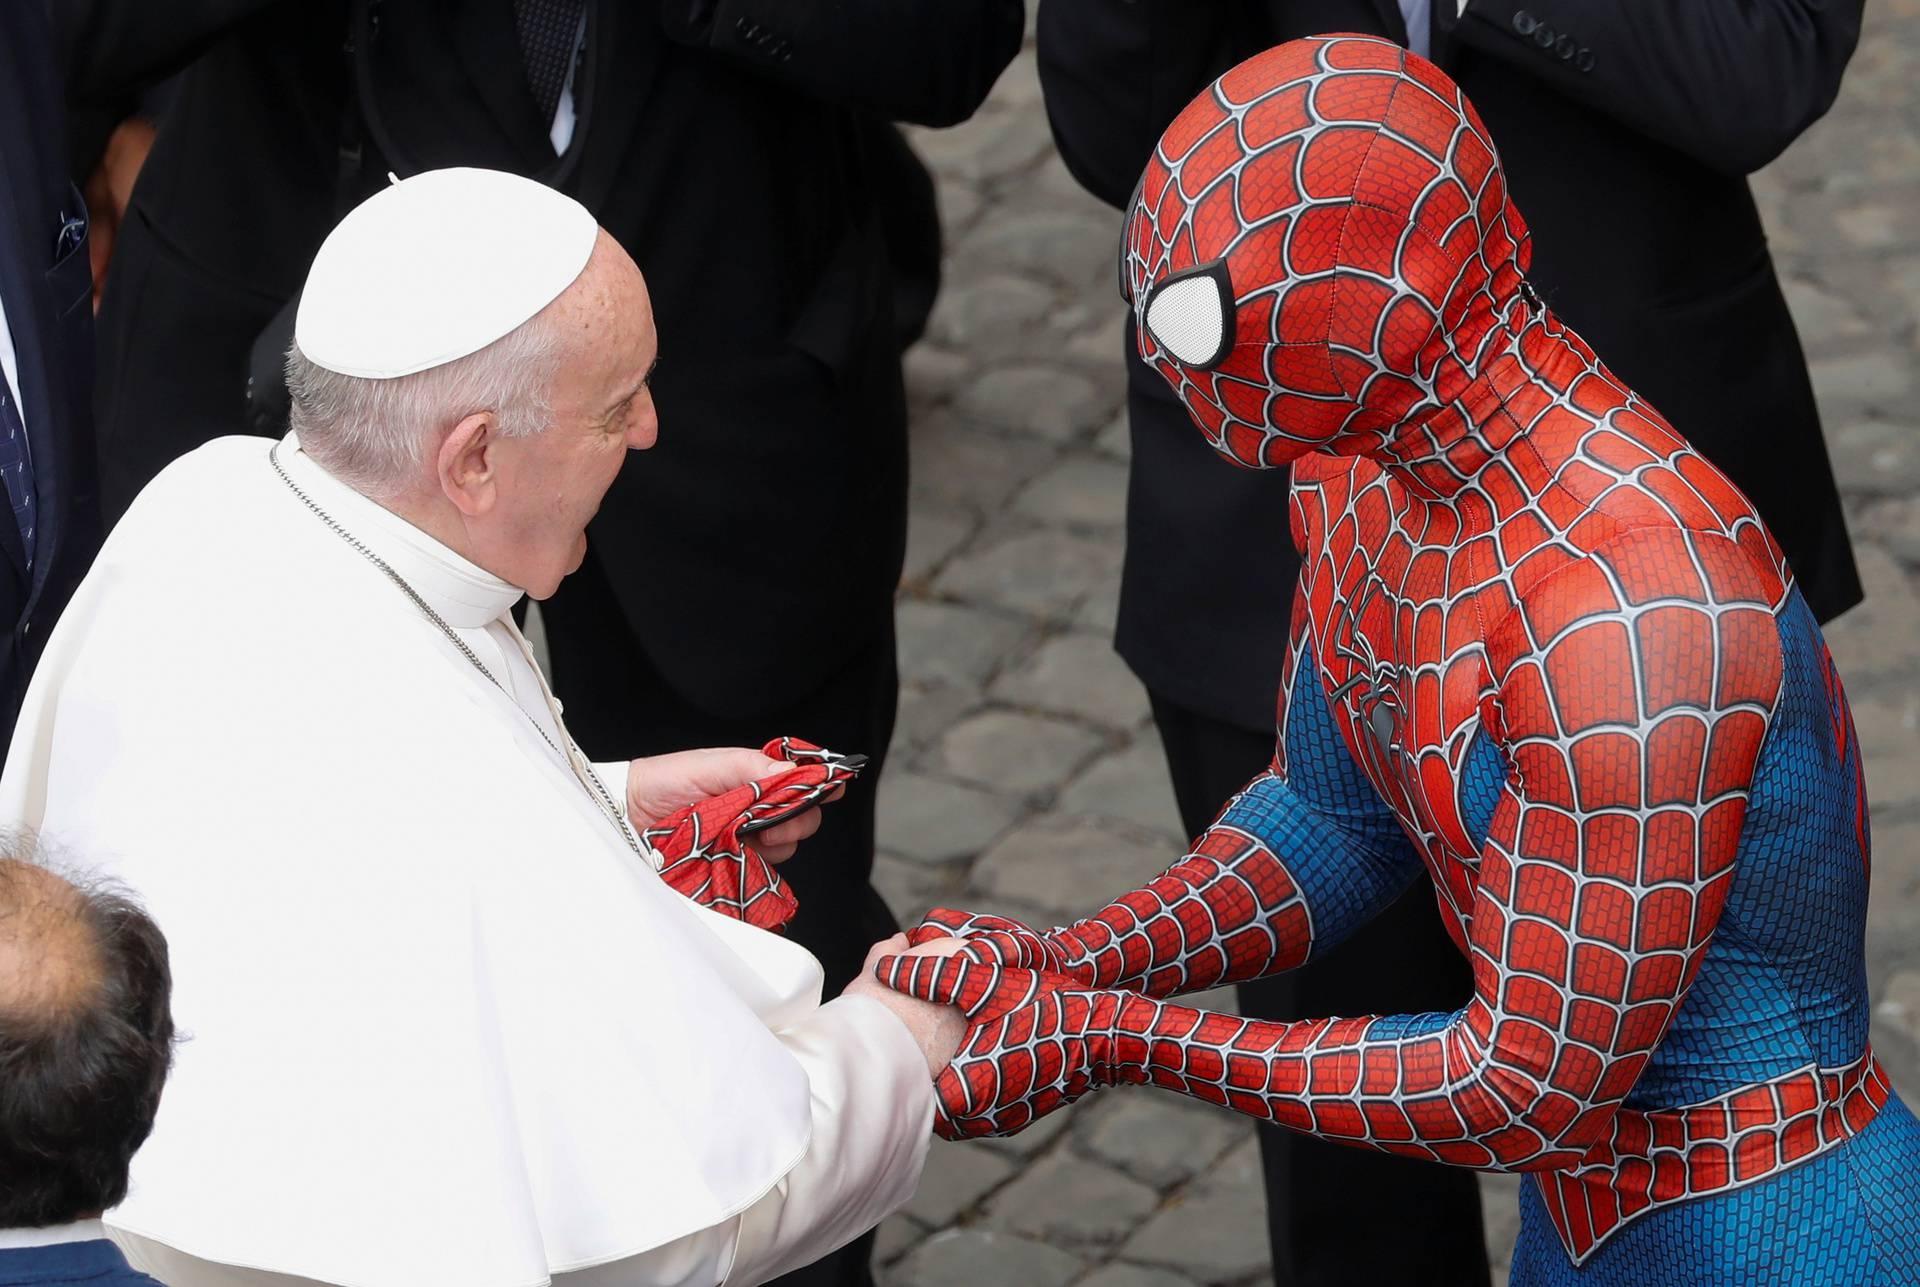 Otkriveno tko je Spiderman  o kojem svi pričaju: Čekao Papu po nesnosnoj vrućini da ga vidi